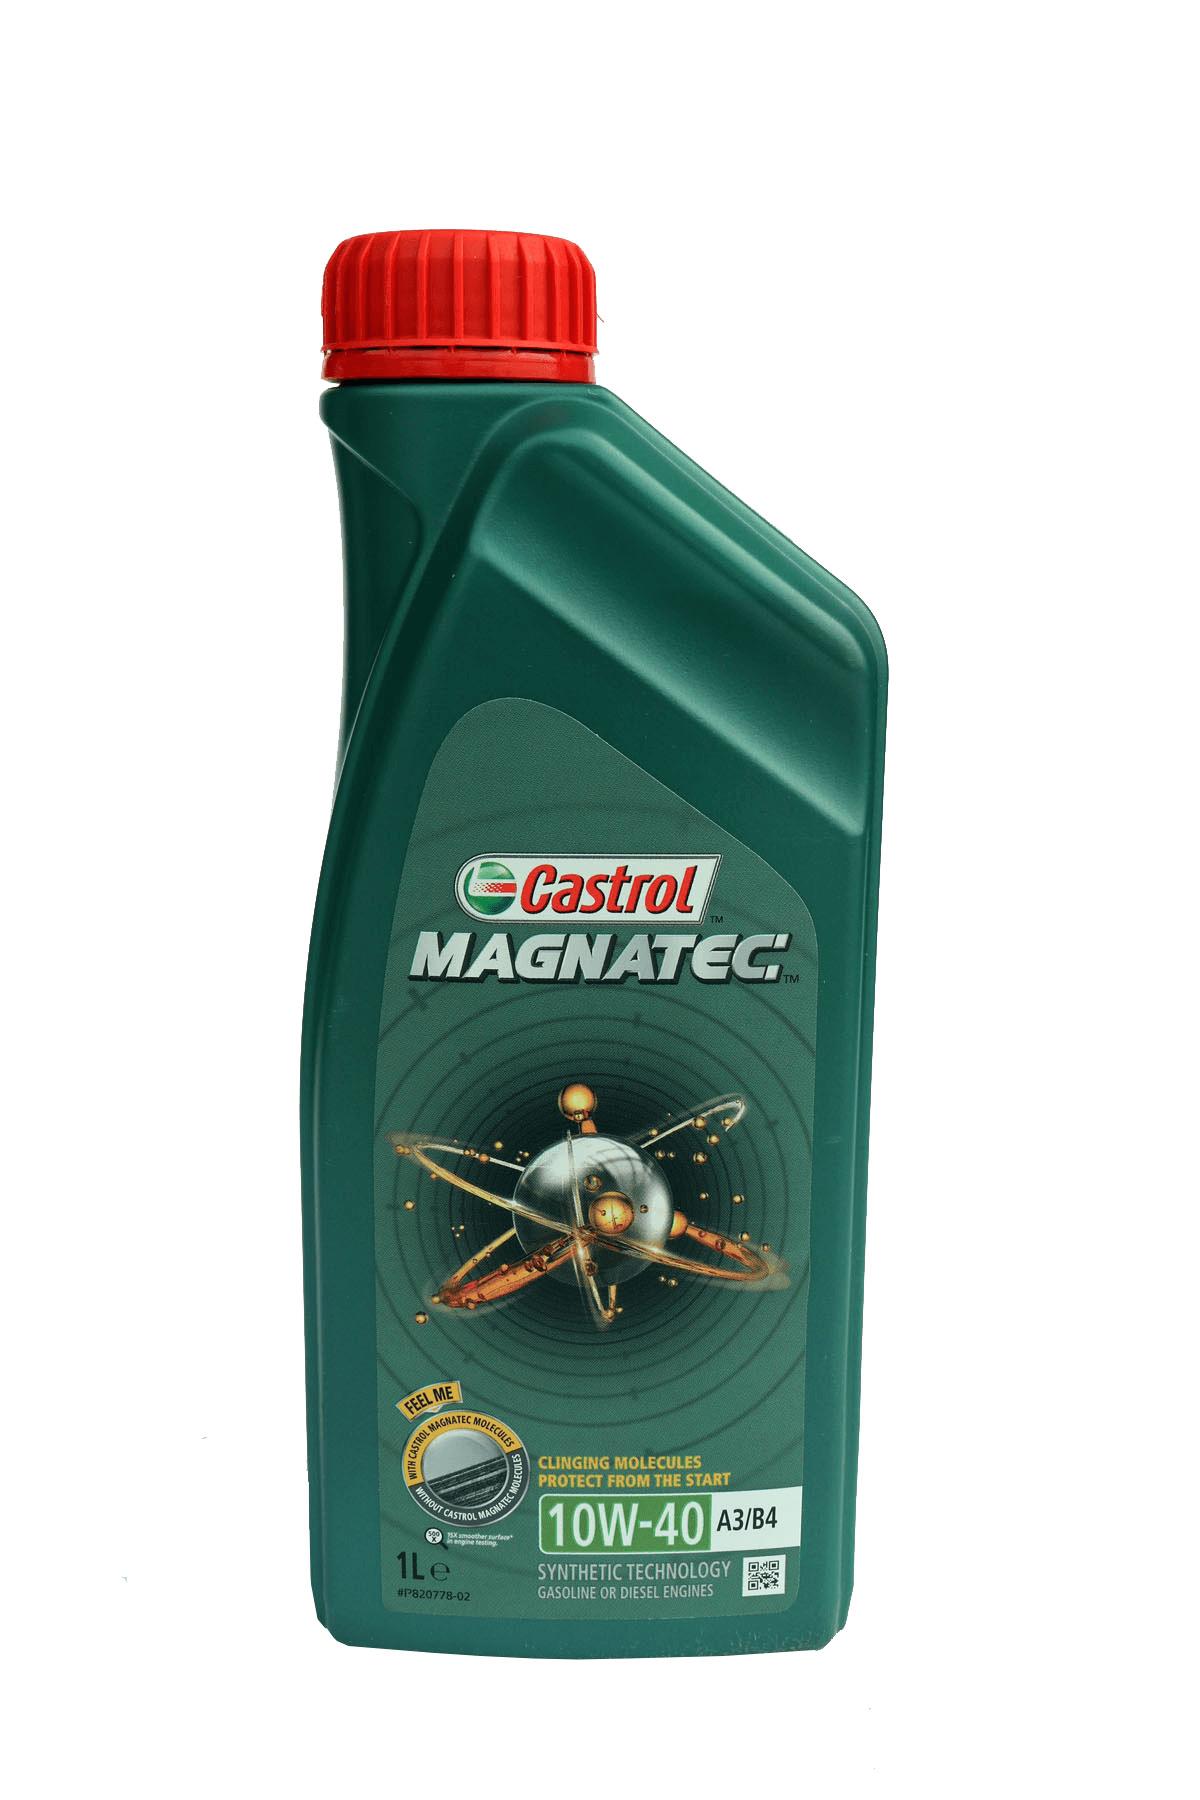 Castrol Magnatec 10W-40 A3/B4 Motoröl, 1l